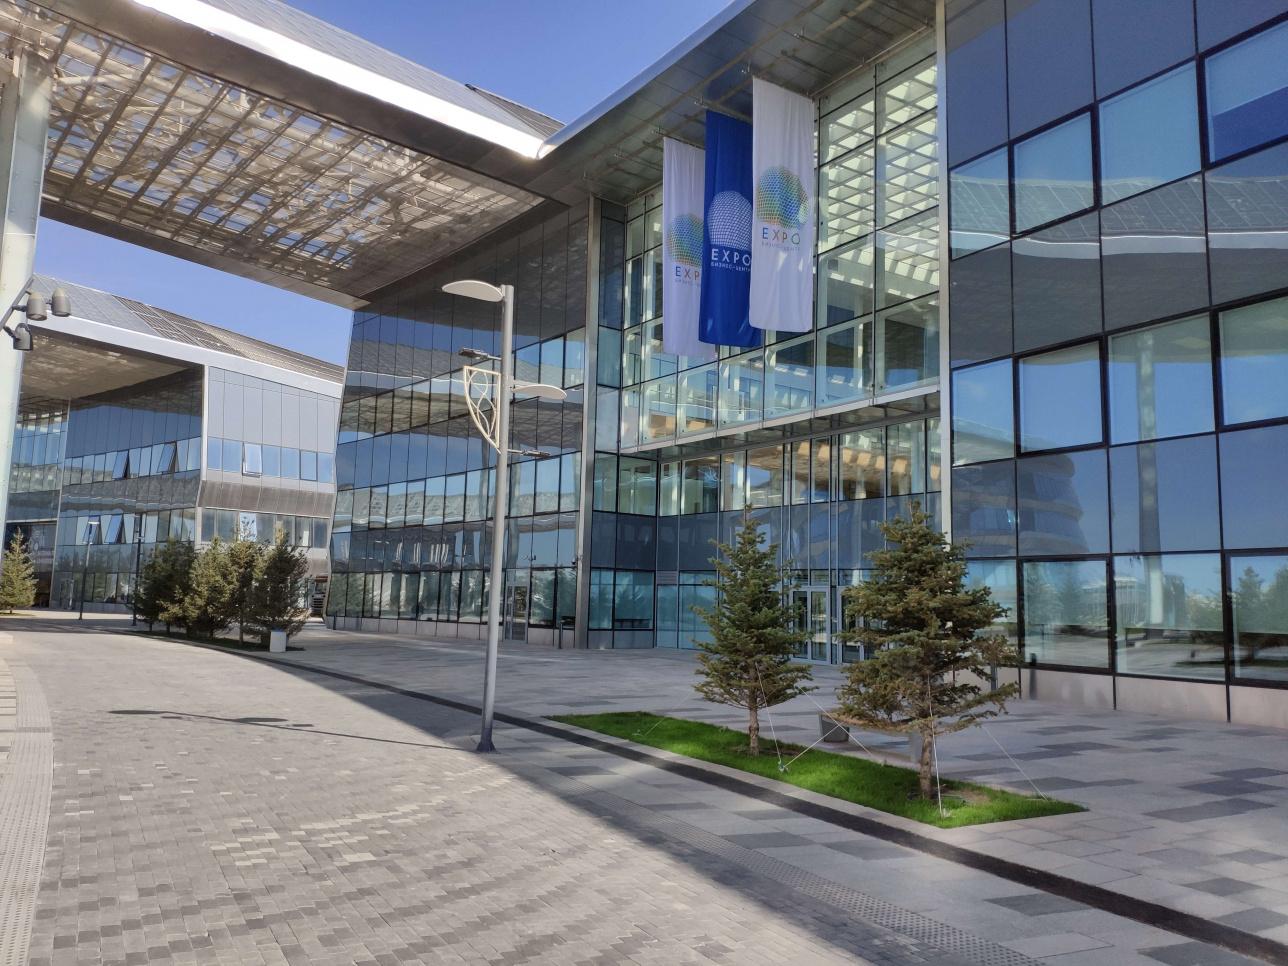 Бизнес-центр EXPO